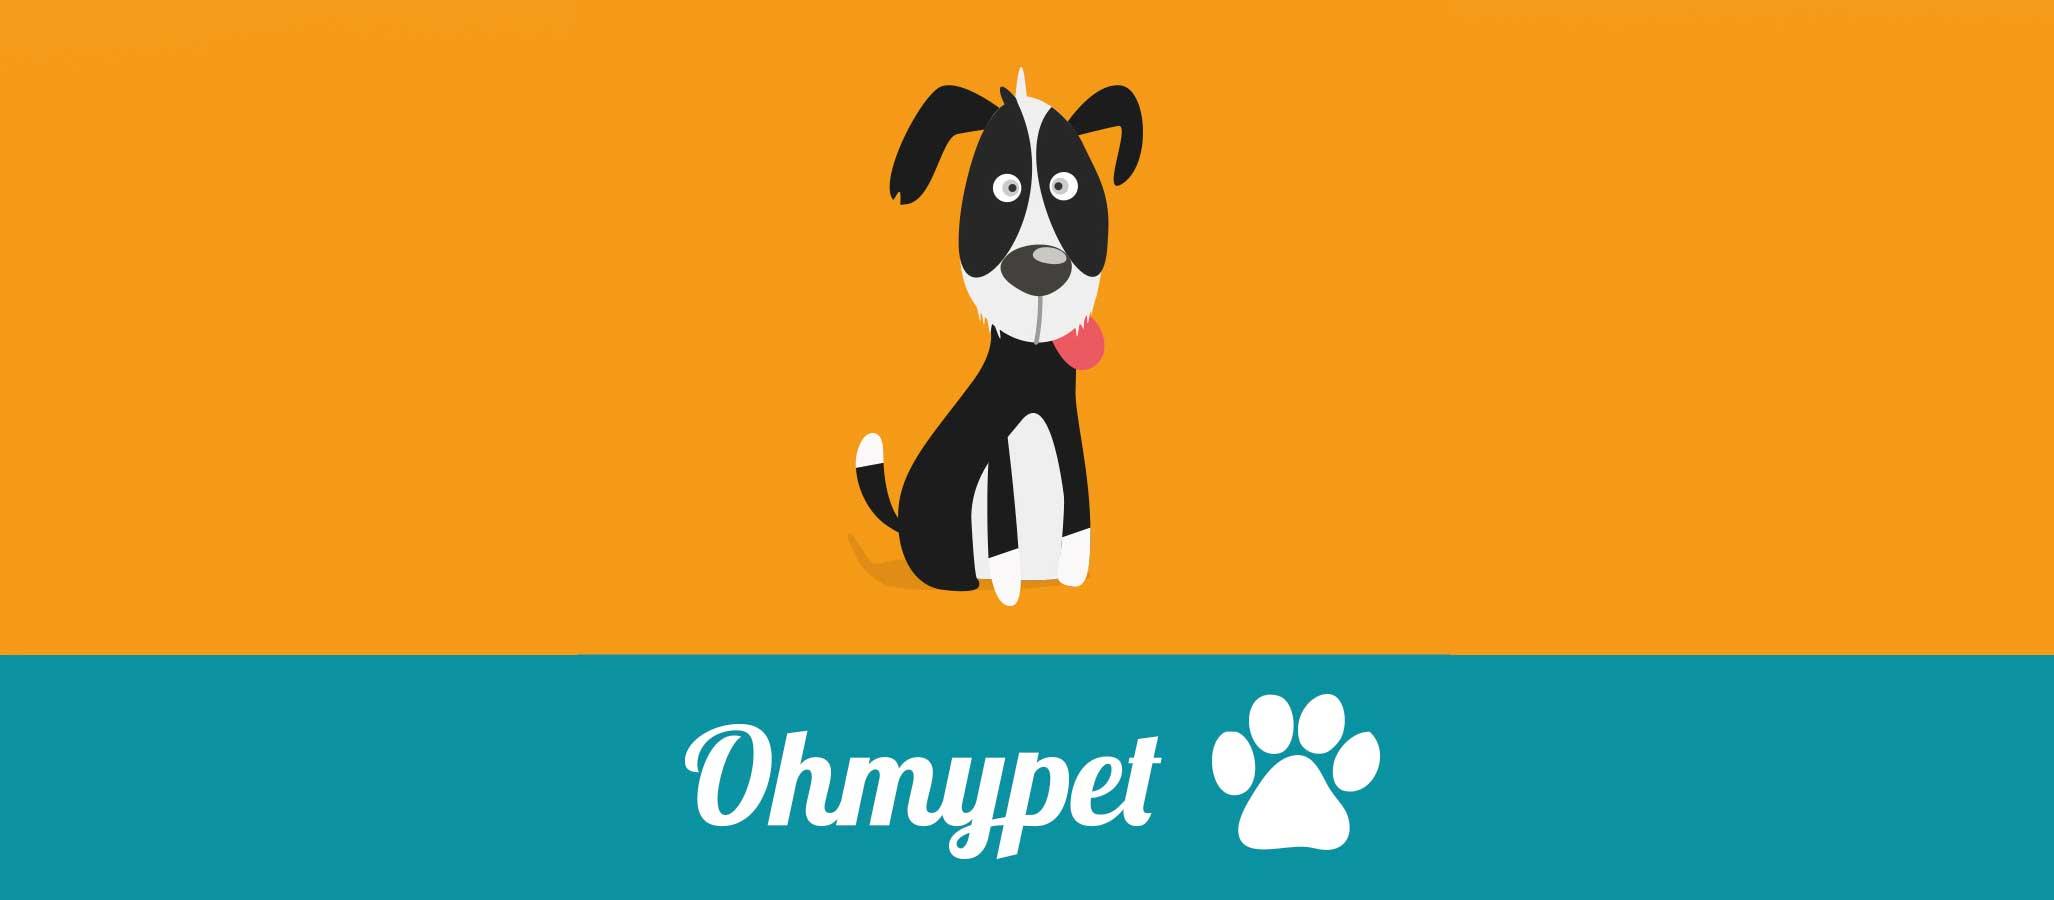 Bienvenidos al blog de ohmypet!